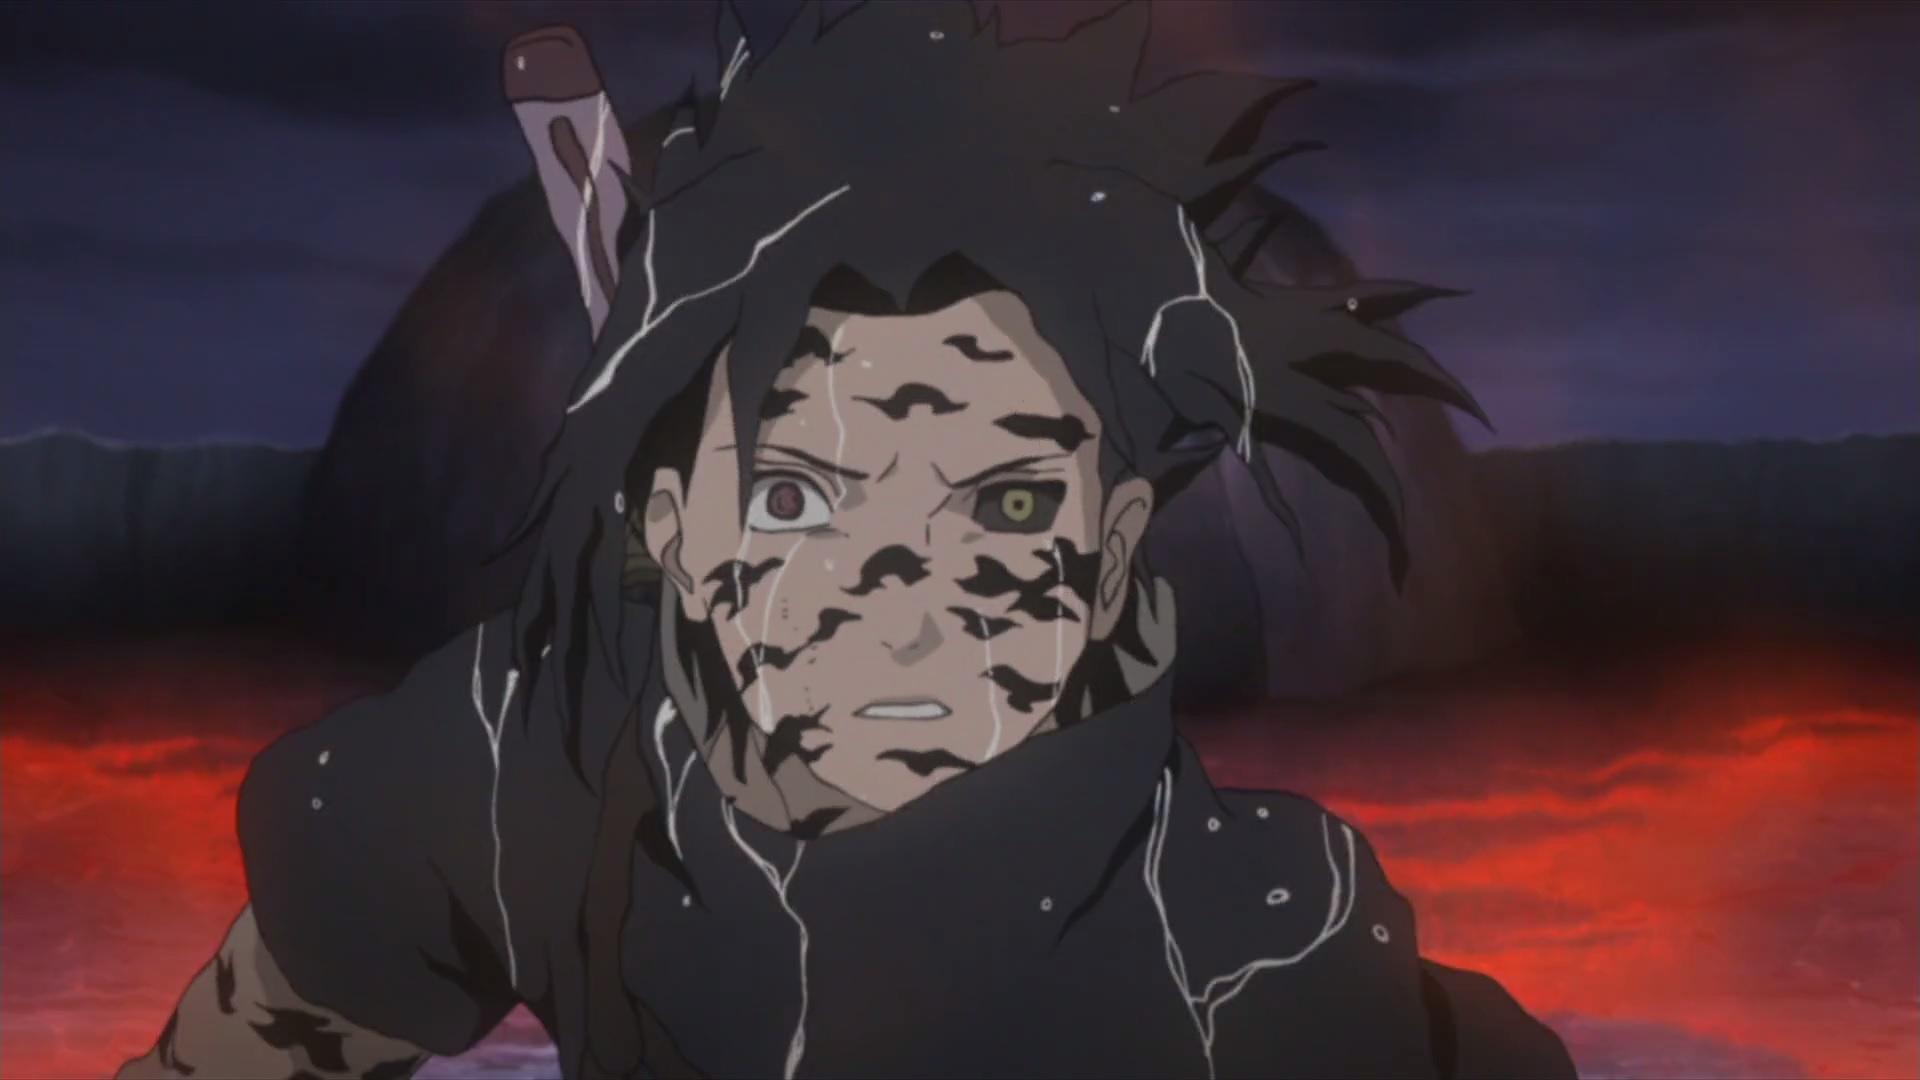 Sasuke vs naruto orochimaru s curse naruto shippuden - Sasuke naruto ...